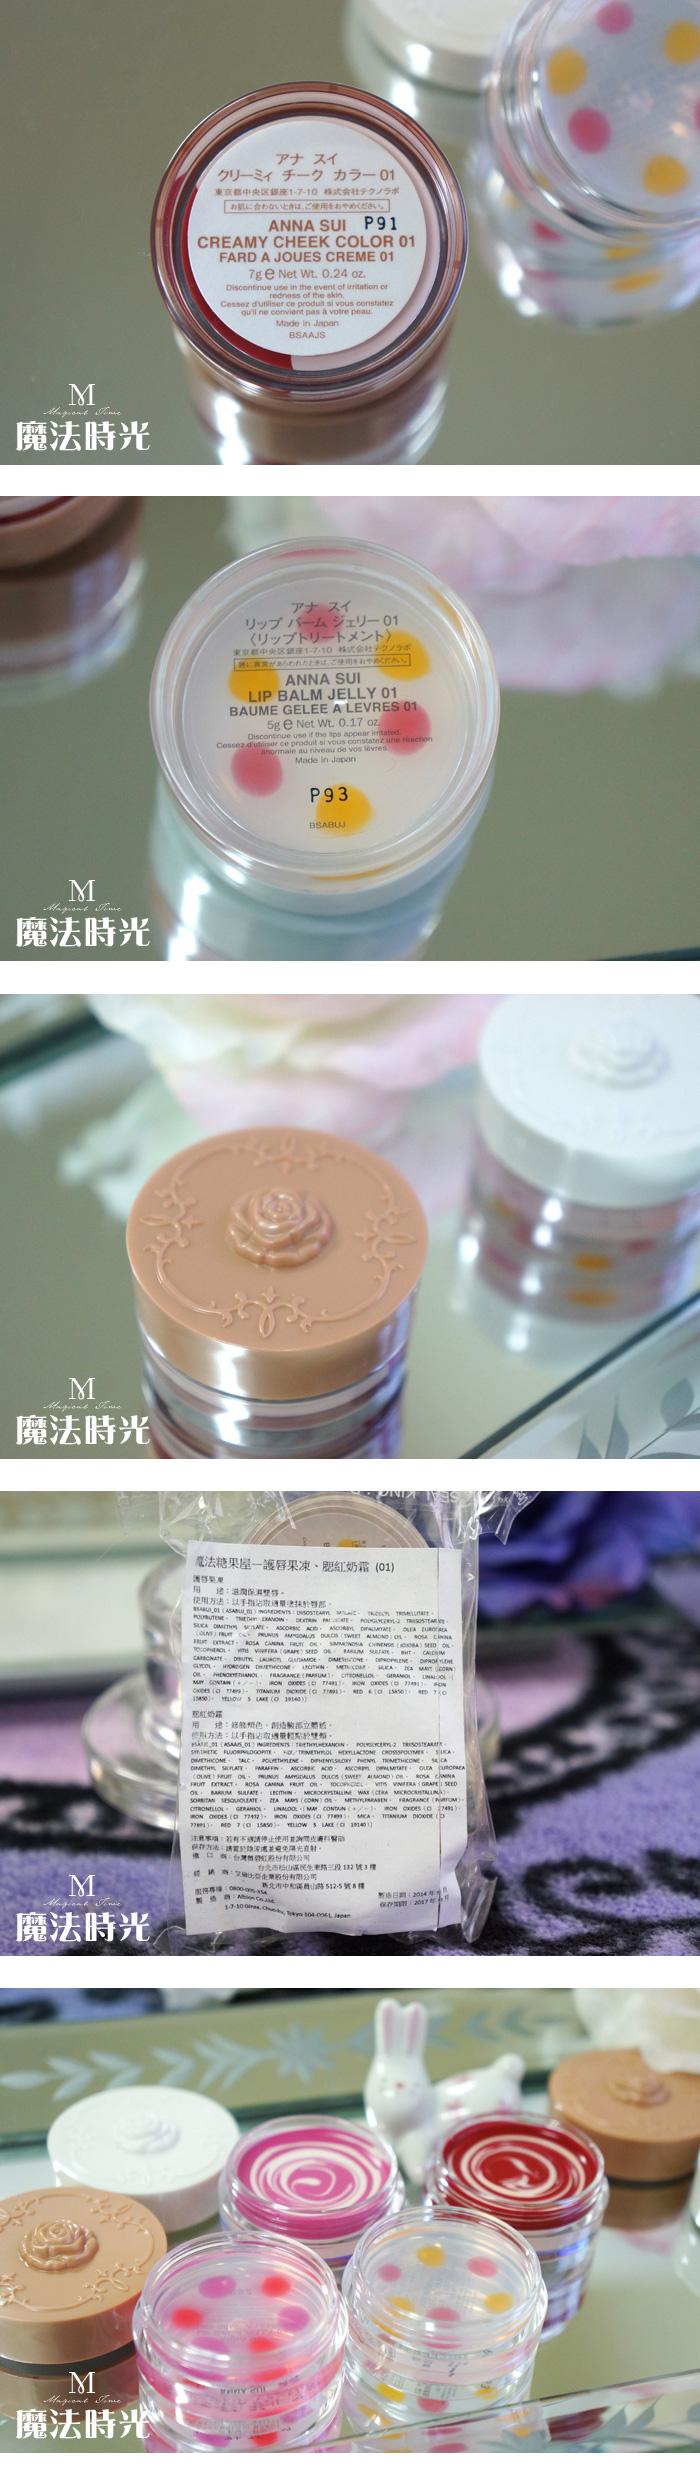 【∮魔法時光∮】ANNA SUI 安娜蘇 魔法糖果屋 護唇果凍+腮紅奶霜#01 整組一起賣